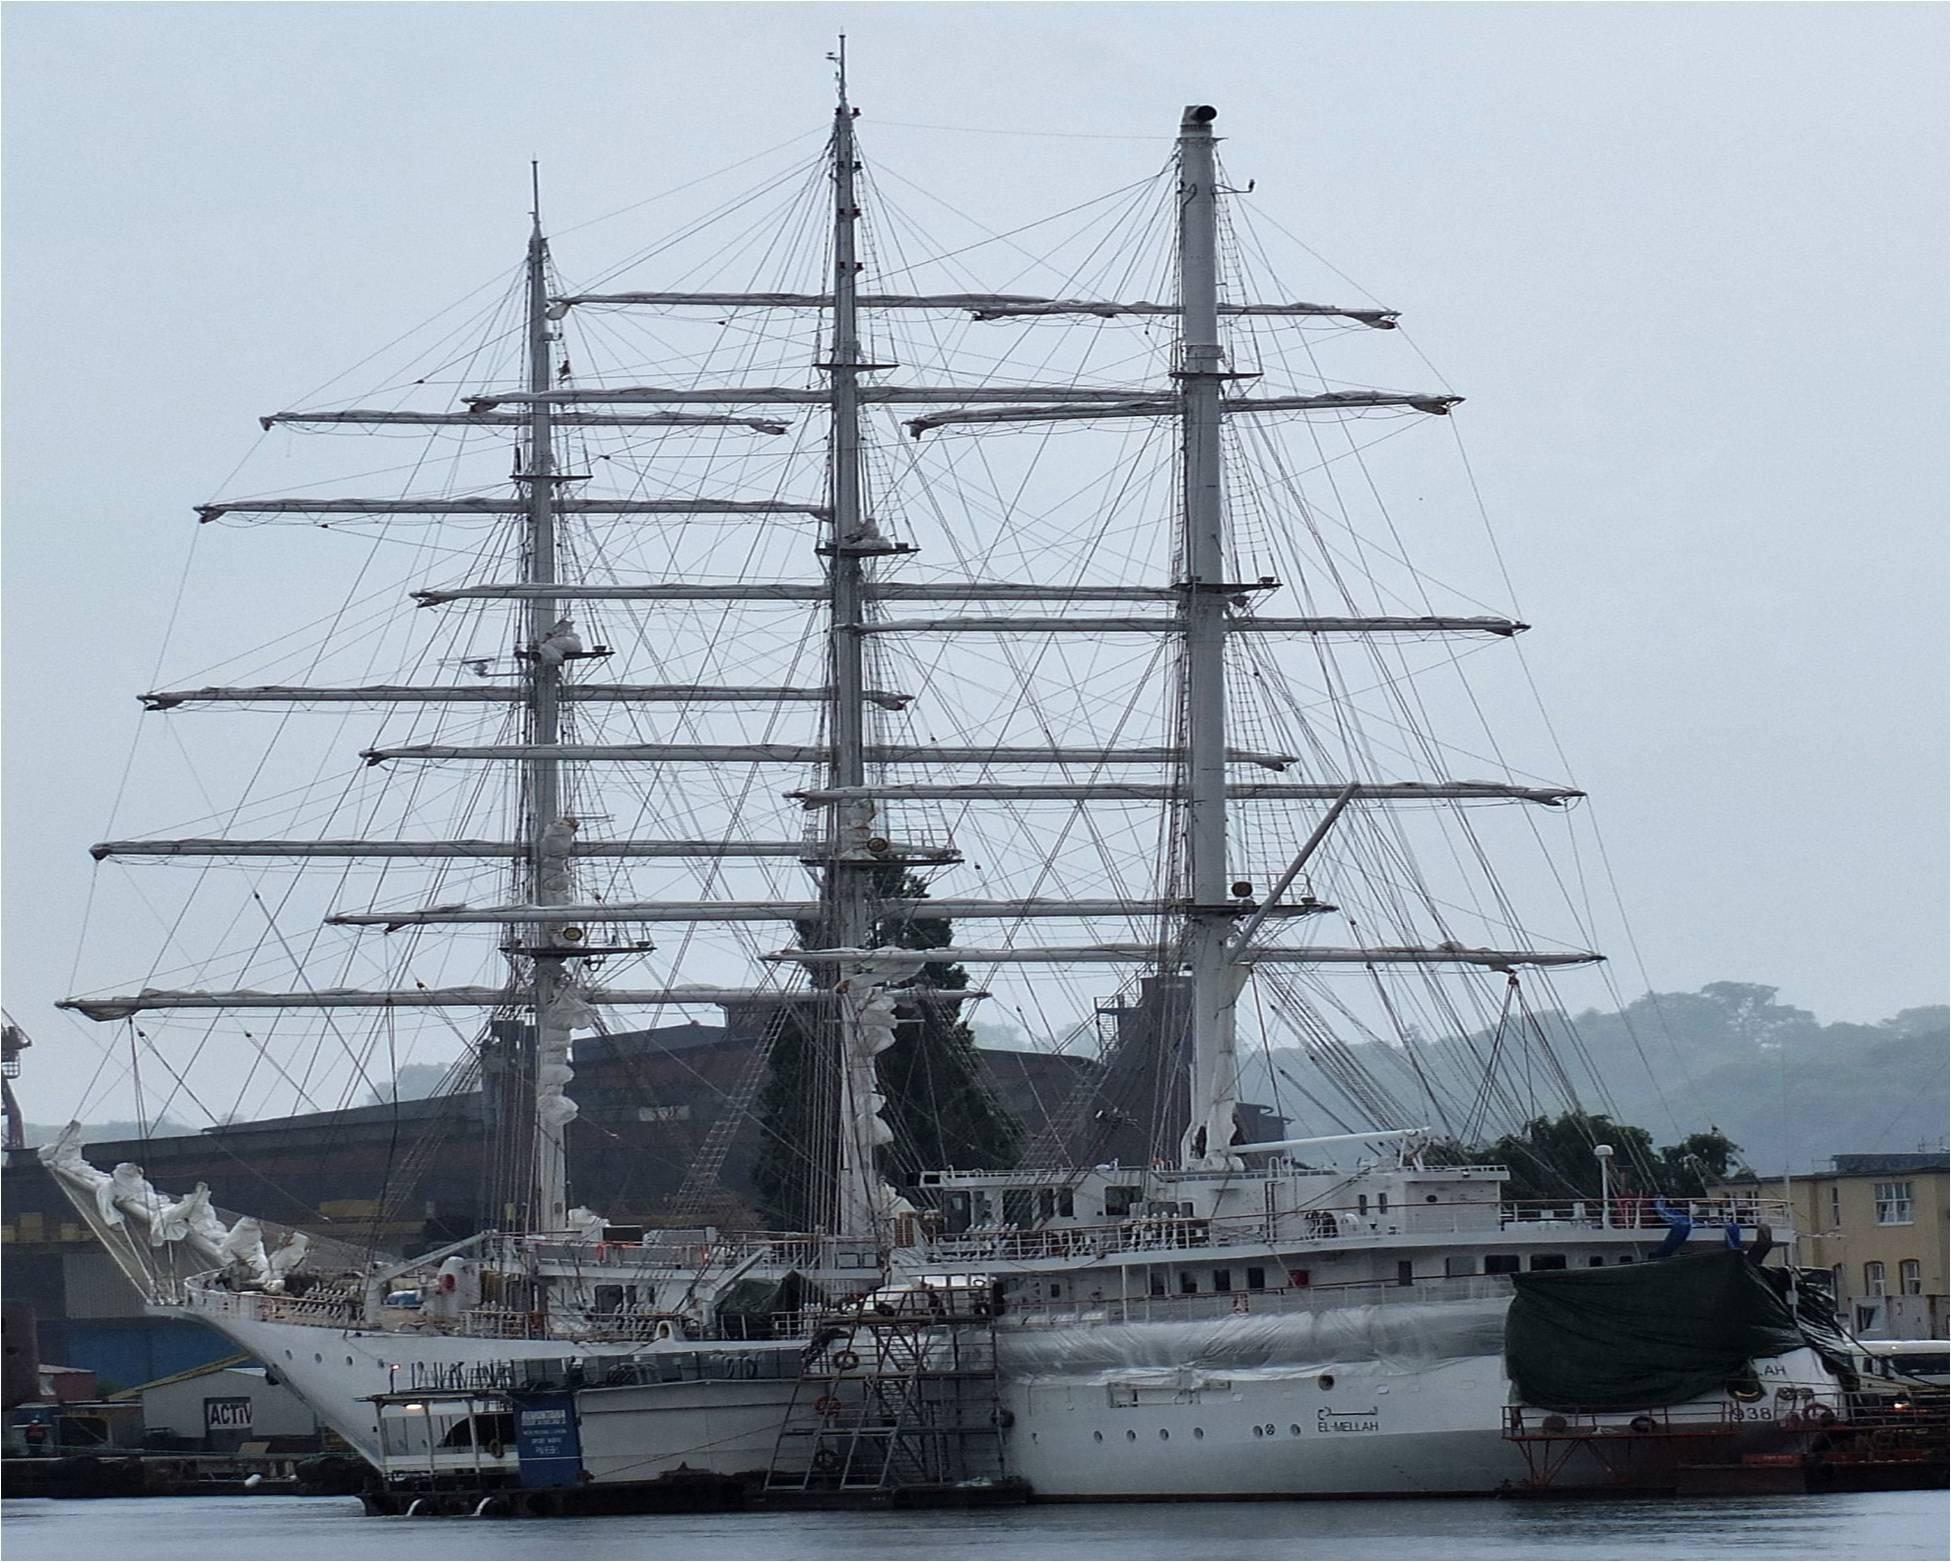 صور السفينة الشراعية الجزائرية  [ الملاح 938 ] - صفحة 6 35141531454_0d891b95c0_o